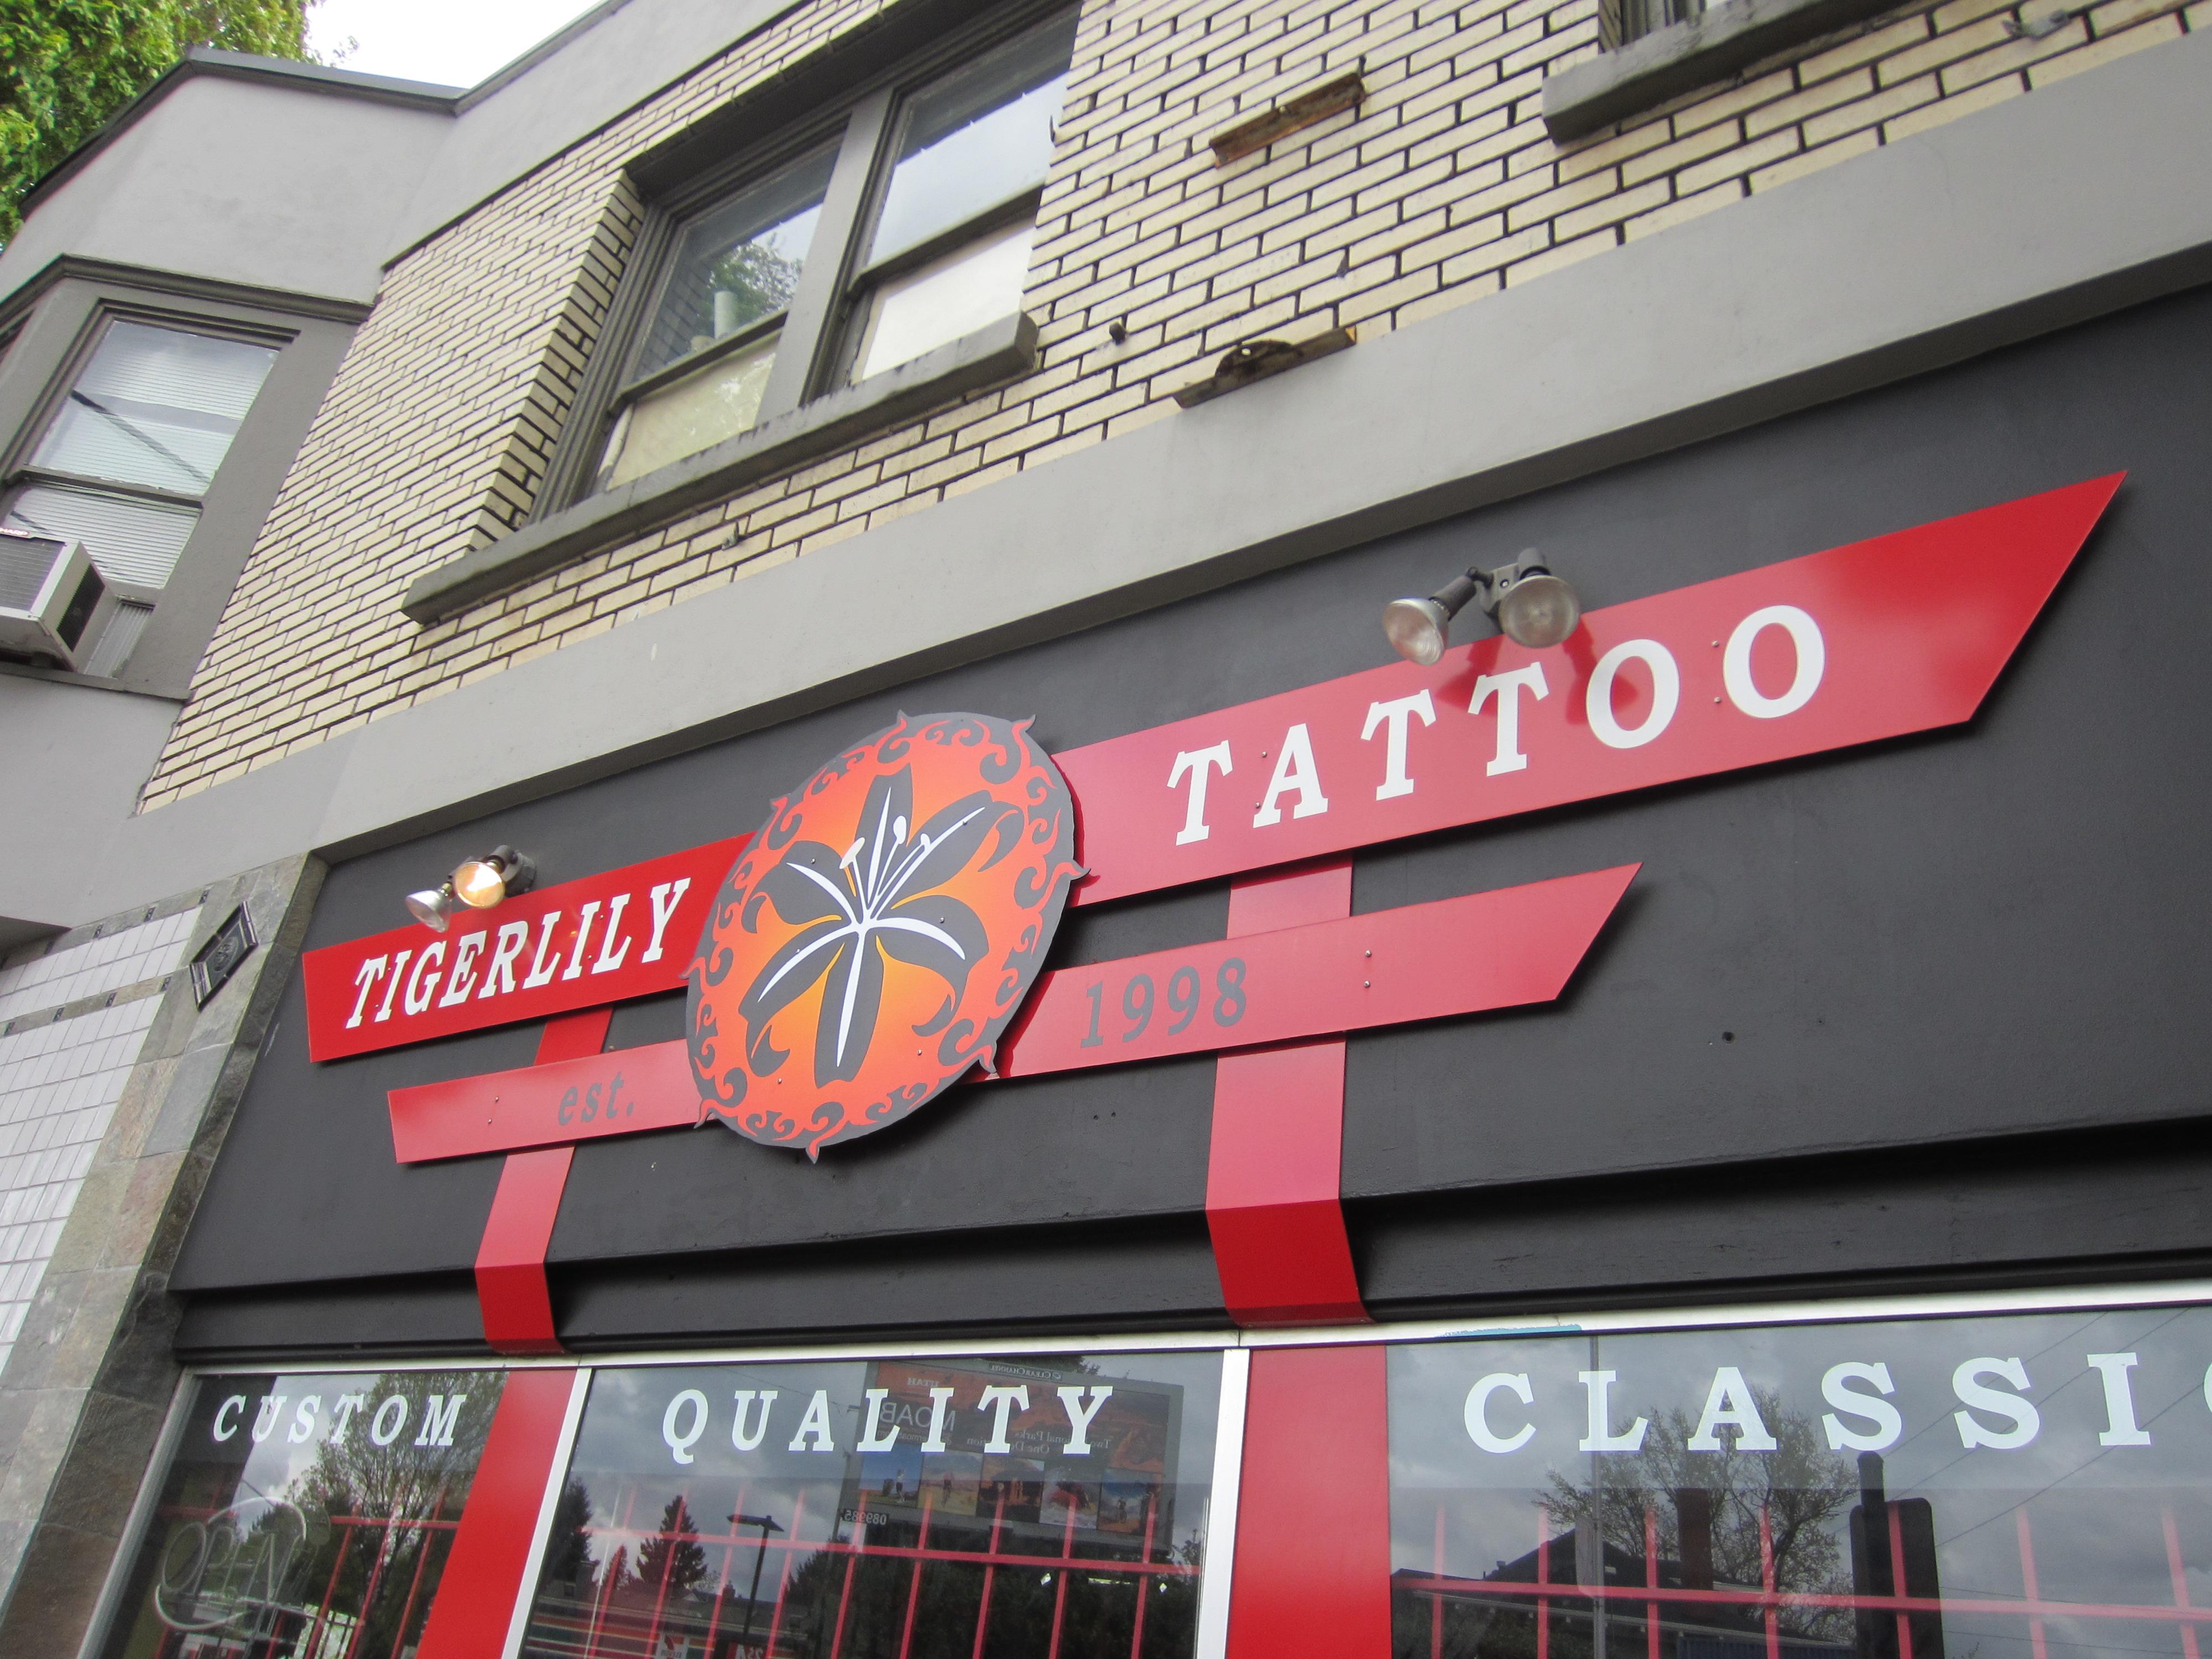 38 cheyenne sawyer u2014 atlas tattoo 40 old eagle for Tattoo shops in portland oregon